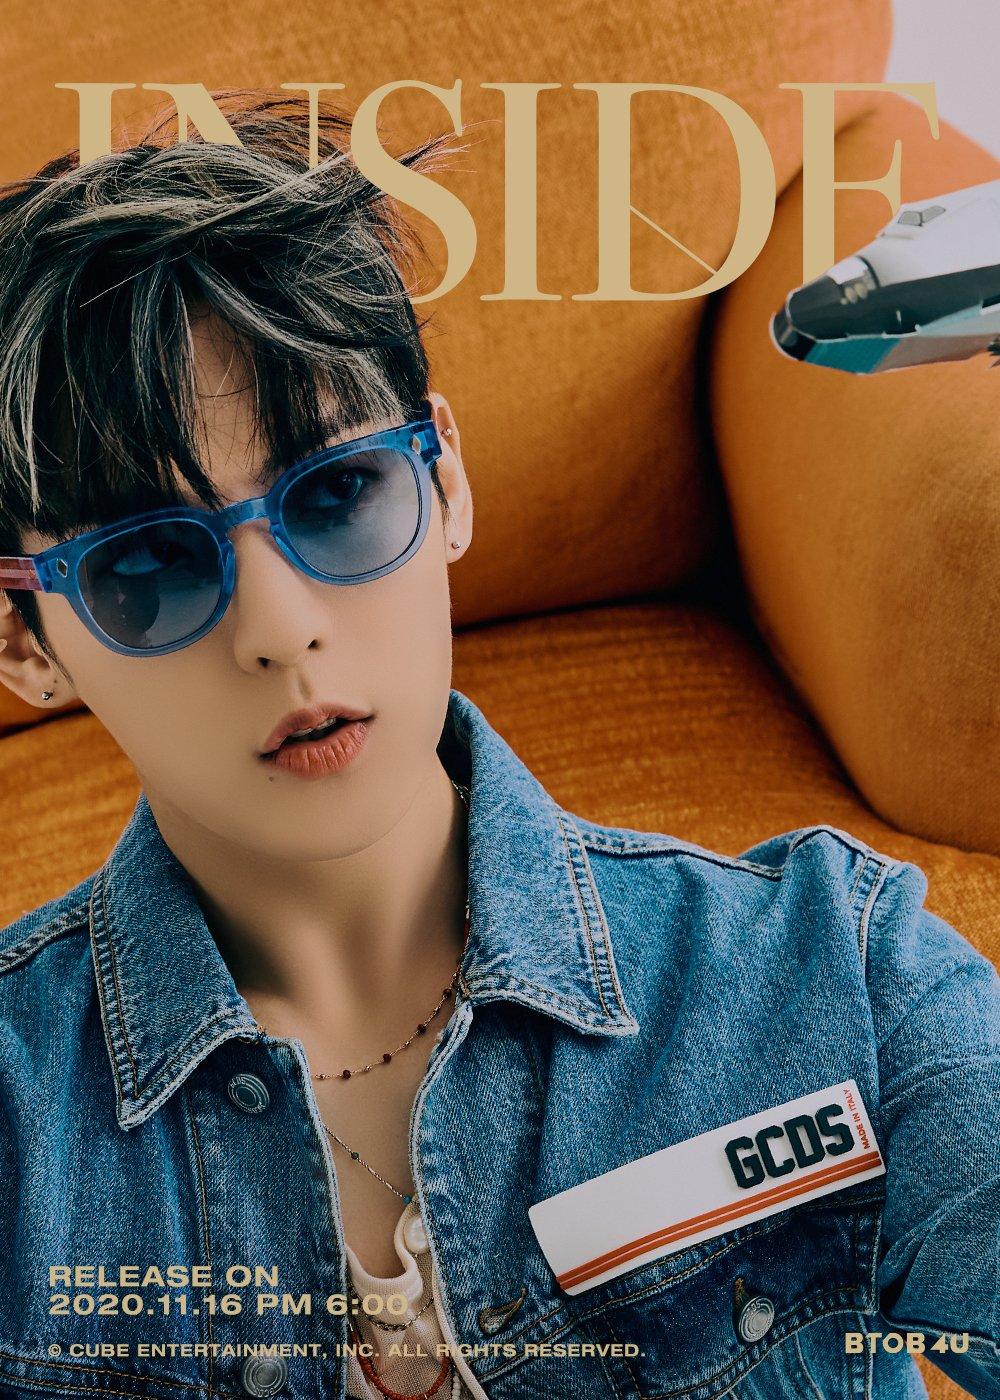 BTOB 4U 1st Mini Album Image Teaser - Lee Min Hyuk